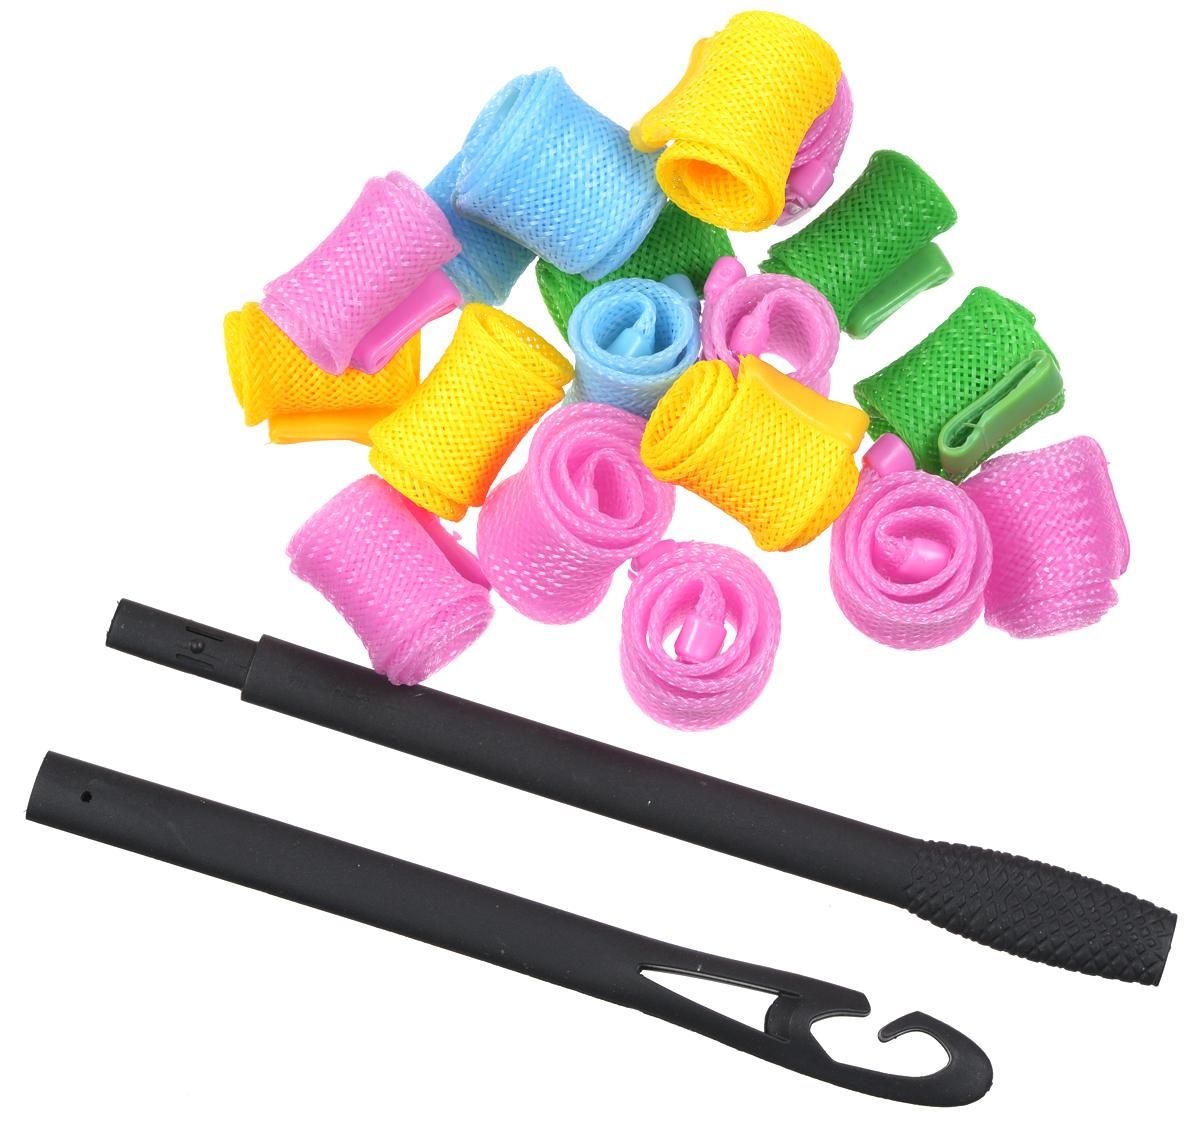 Magic Roller Бигуди круглые, 18 штCF5512F4Набор бигуди Magic Roller является простым и легким способом всегда выглядеть безупречно и стильно! Предназначен для создания мелких кудряшек, локонов и волн, а также придания дополнительного объема. Бигуди произведены из мягкого материала, и в них можно спать.Magic Roller выполнены из мягкого пластика с силиконовыми наконечниками, что позволяет им служить долго, подходят для кончиков и на волосы до 25 см, а также на каскадную стрижку.Ваша прическа зависит только от вашей фантазии и настроения!Преимущества волшебных бигуди Magic Roller: Создают большой объем.Удобны и легки в использовании. Справится даже ребенок!Подходят как для коротких, так и для волос до 25 см.Позволяют легко контролировать направление и равномерность укладки без заломов.Обеспечивают бережное отношение к волосам.Смена имиджа за час.Процесс накручивания бигуди Magic Roller никогда не утомит вас.Экономия времени и денег на дорогих салонах.Возможны любые прически: от струящихся локонов, до фиксированных вечерних и свадебных причесок.Волшебные бигуди Magic Roller - это здоровая альтернатива химической завивке.К бигудям прилагается специальный крючок для протягивания пряди внутрь бигуди.Бигуди надеваются на влажные волосы и высушиваются тёплым феном, так что даже самые жесткие и непослушные волосы подчиняются и ложатся красивыми спиральными локонами.Порядок использования:1. Слегка намочить волосы.2. Собрать двойной крючок.3. Слегка намочить волосы. Нанести мусс или гель при необходимости на влажные волосы.4. Пропустить крючок через бигуди насквозь.5. Зацепить небольшую прядь с помощью крючка у основания локона.6. Пропустить прядь с помощью крючка сквозь бигуди.7. Проделать то же самое с остальными бигуди по всему контуру головы.8. Подержать волосы 5-10 минут.9. Высушить волосы феном или с помощью термо шапки.10. Придерживая одной рукой локон у основания, другой снять бигуди.Причёска готова.Если волосы жёсткие и непослушные рекомендуется поносить бигуди подольш